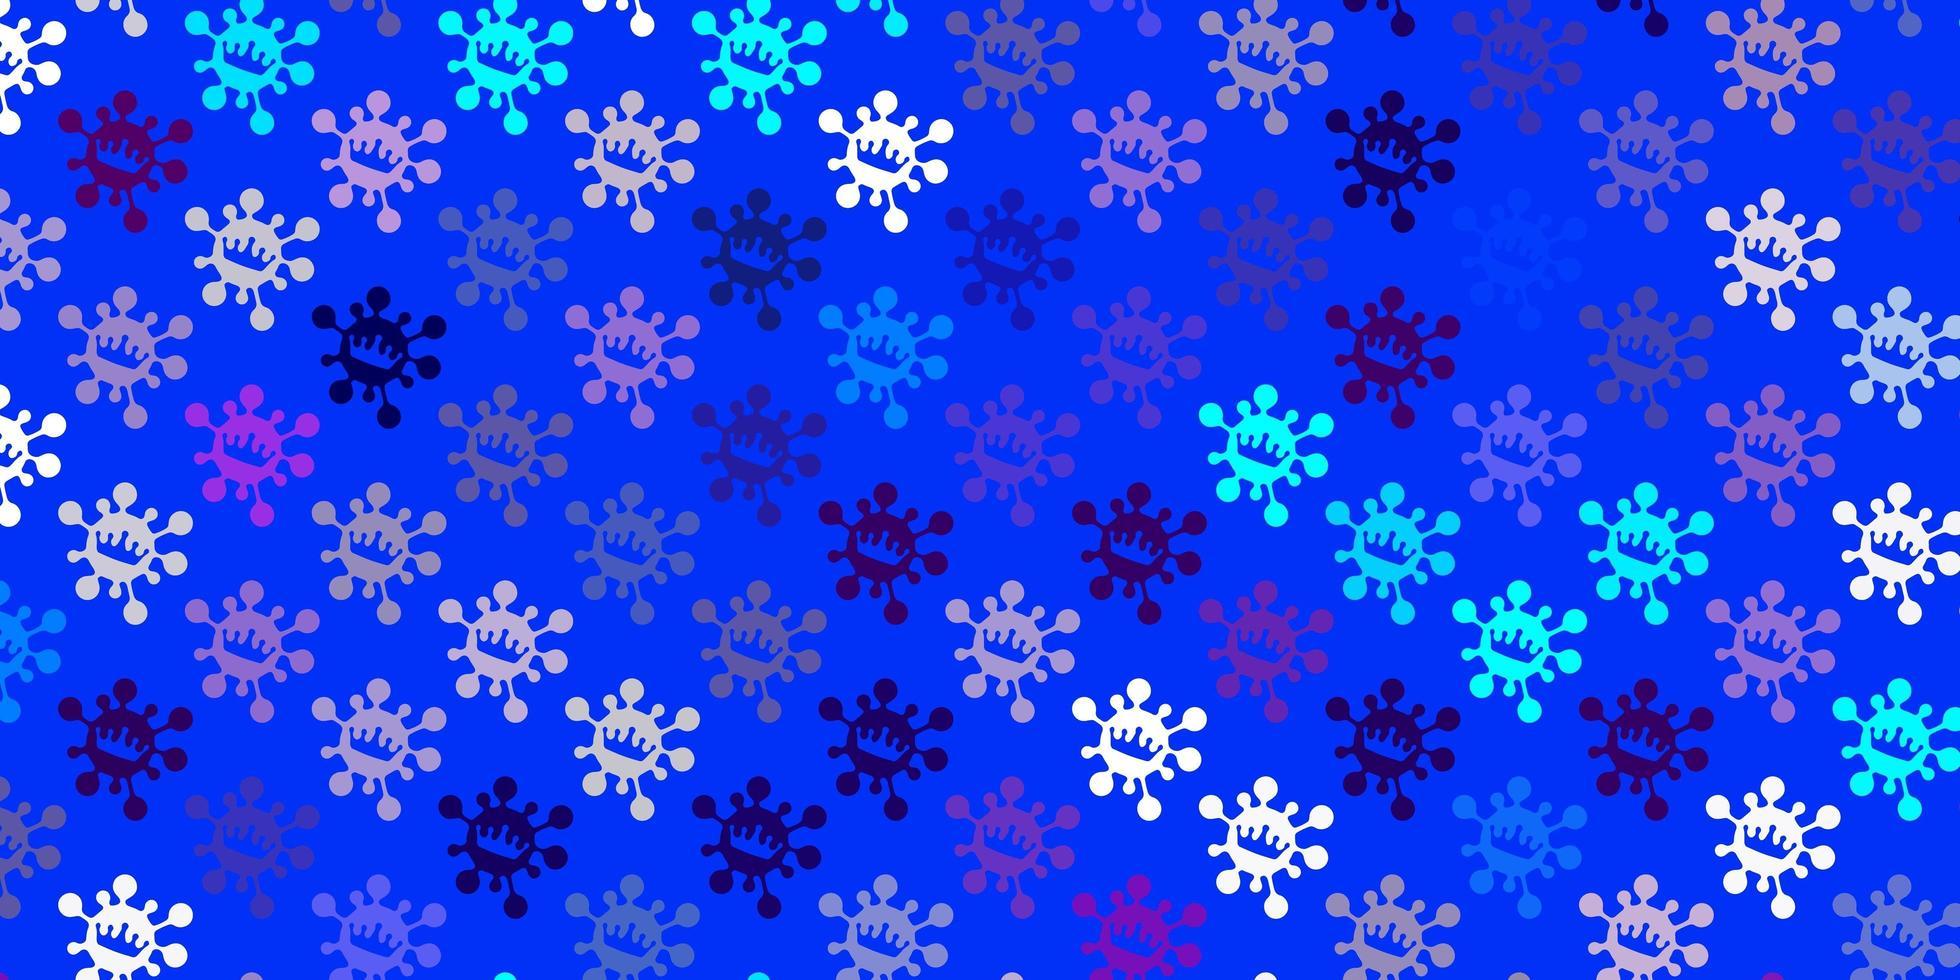 hellrosa, blauer Vektorhintergrund mit Virensymbolen vektor